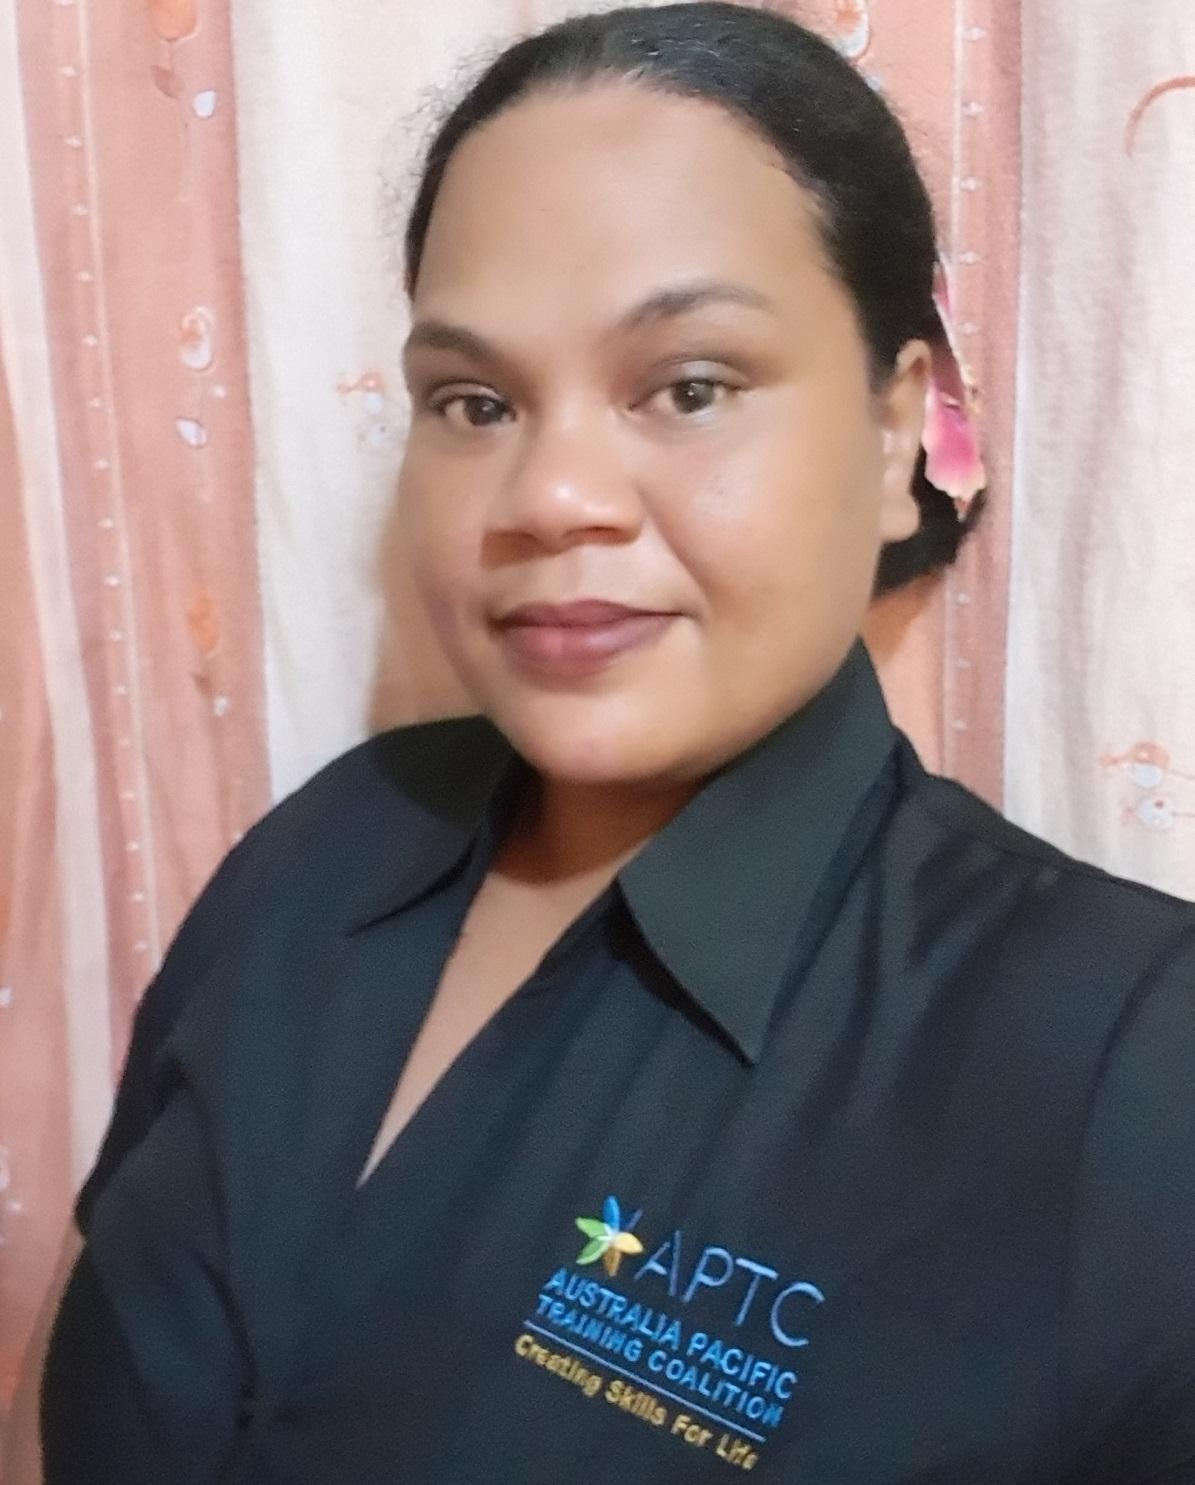 Ms Beuloria Derog